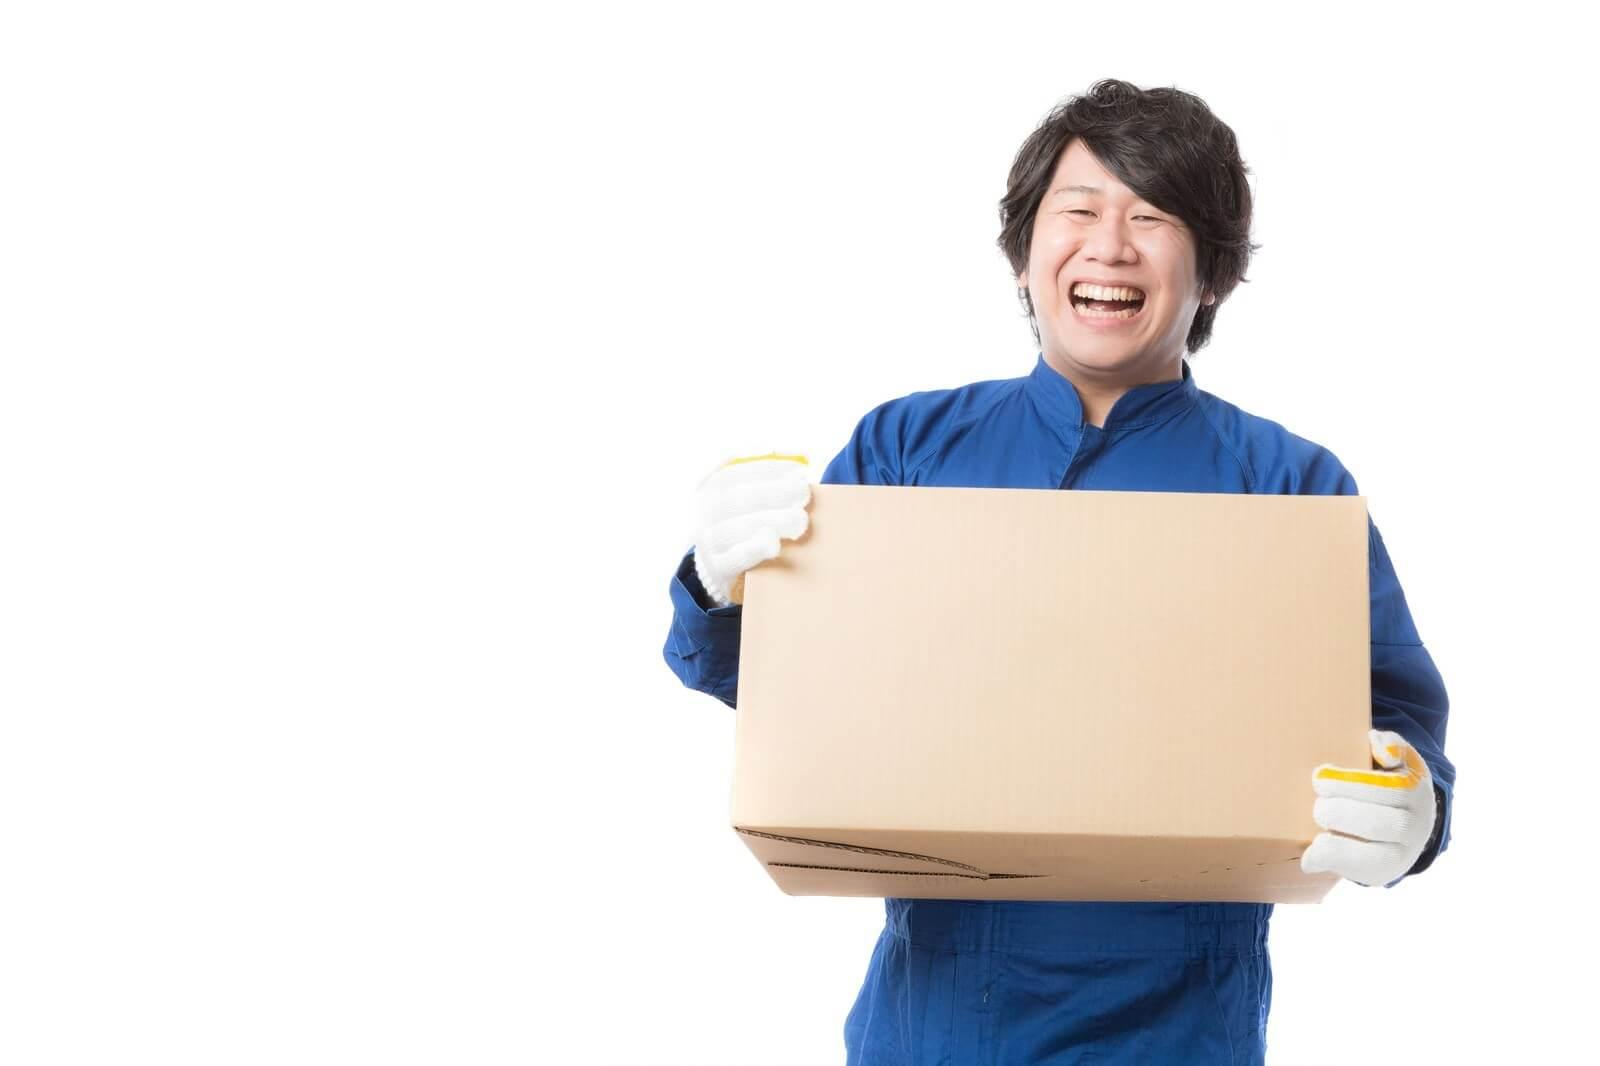 住所をばれずに荷物を送る方法